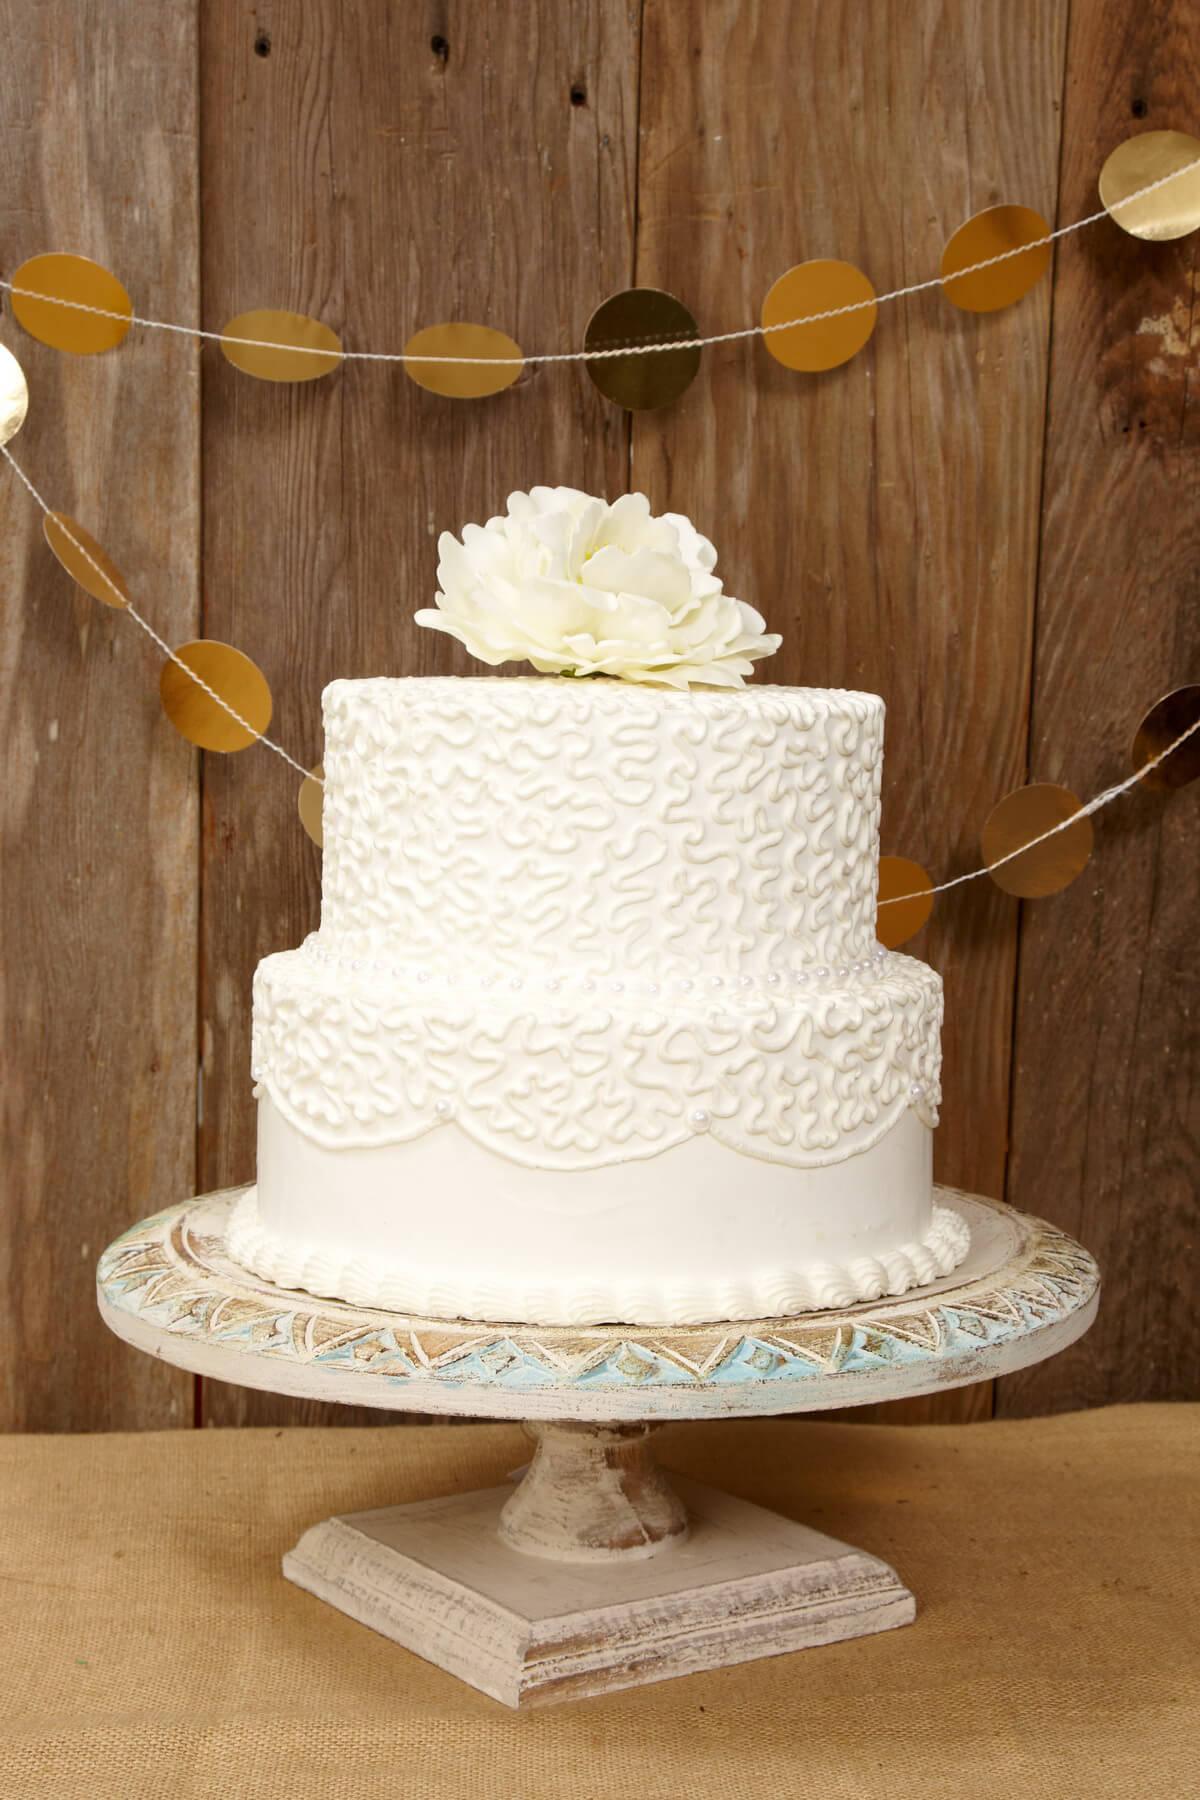 Wood Shabby Chic Cake Stand 15